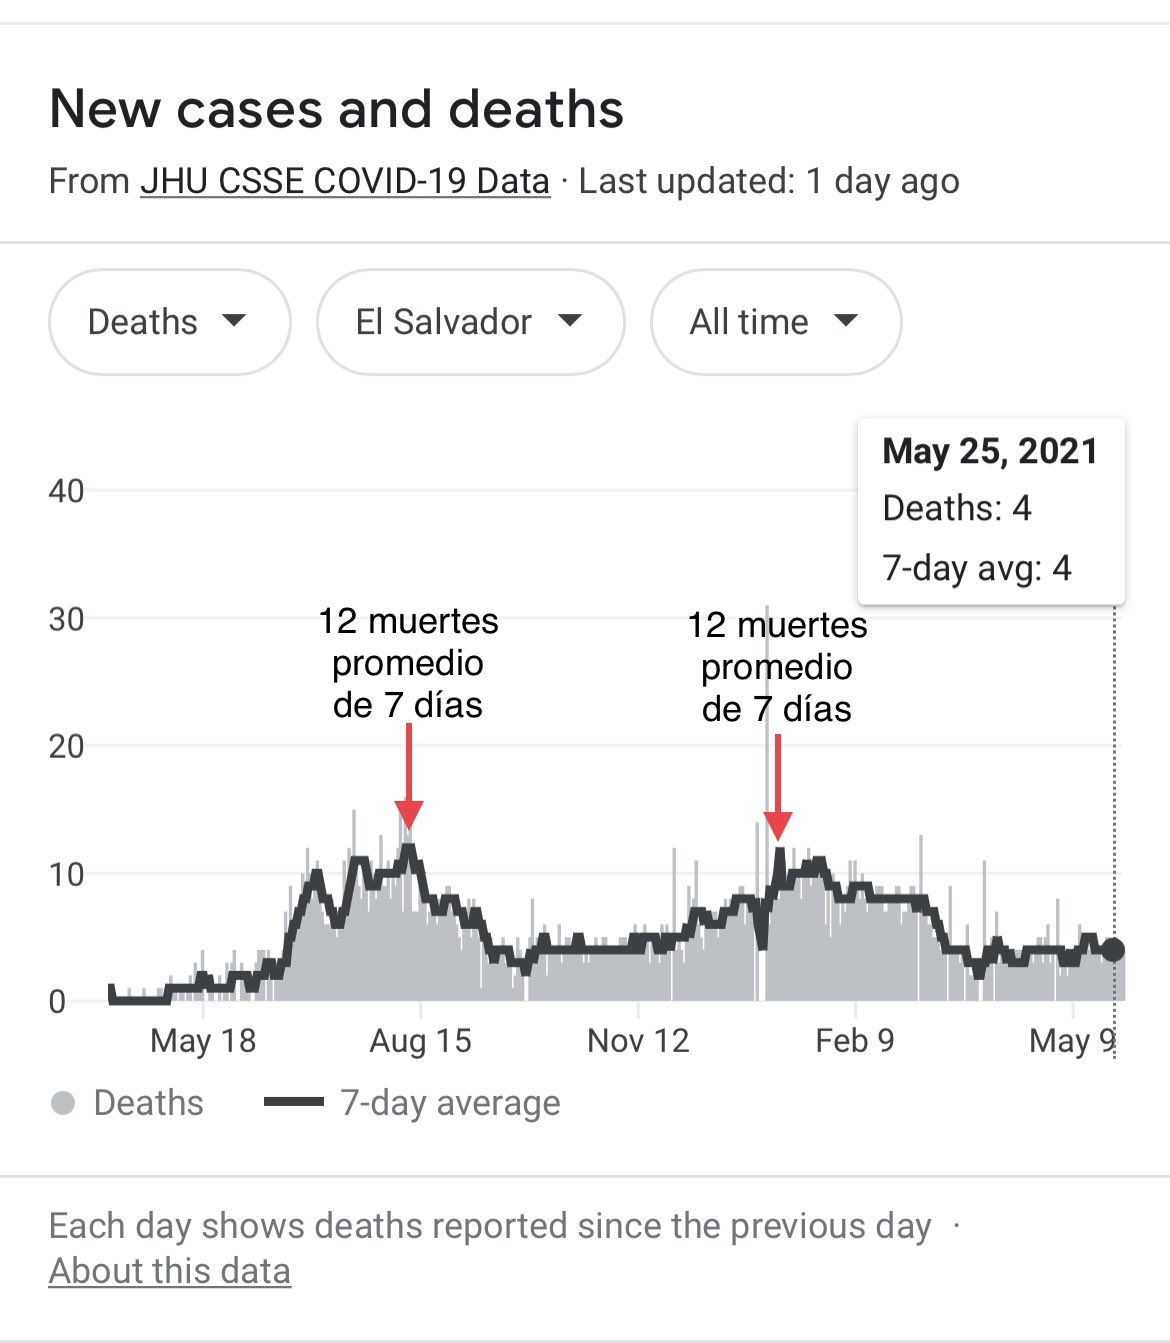 Exceso de muertes por Covid-19 que no son reportados